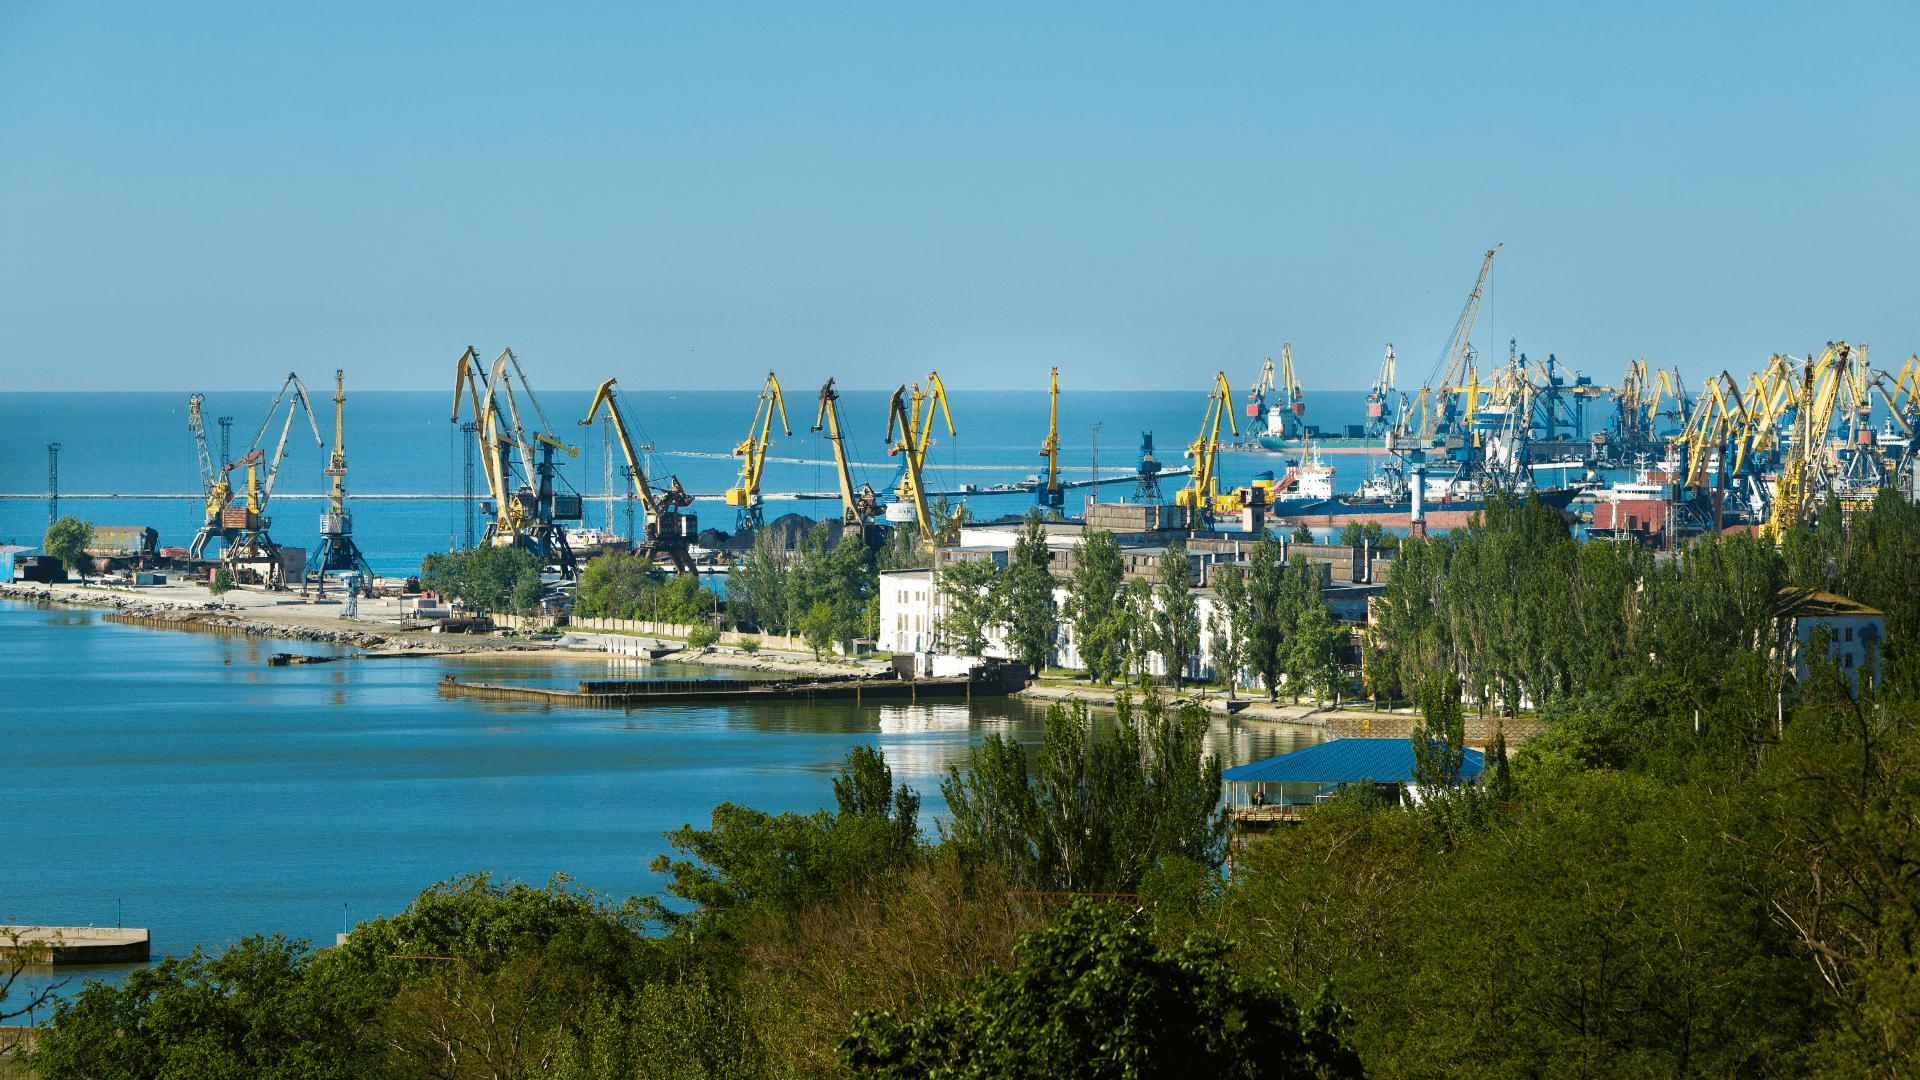 Порт Мариуполь - морские ворота Донбасса и Восточной Украины